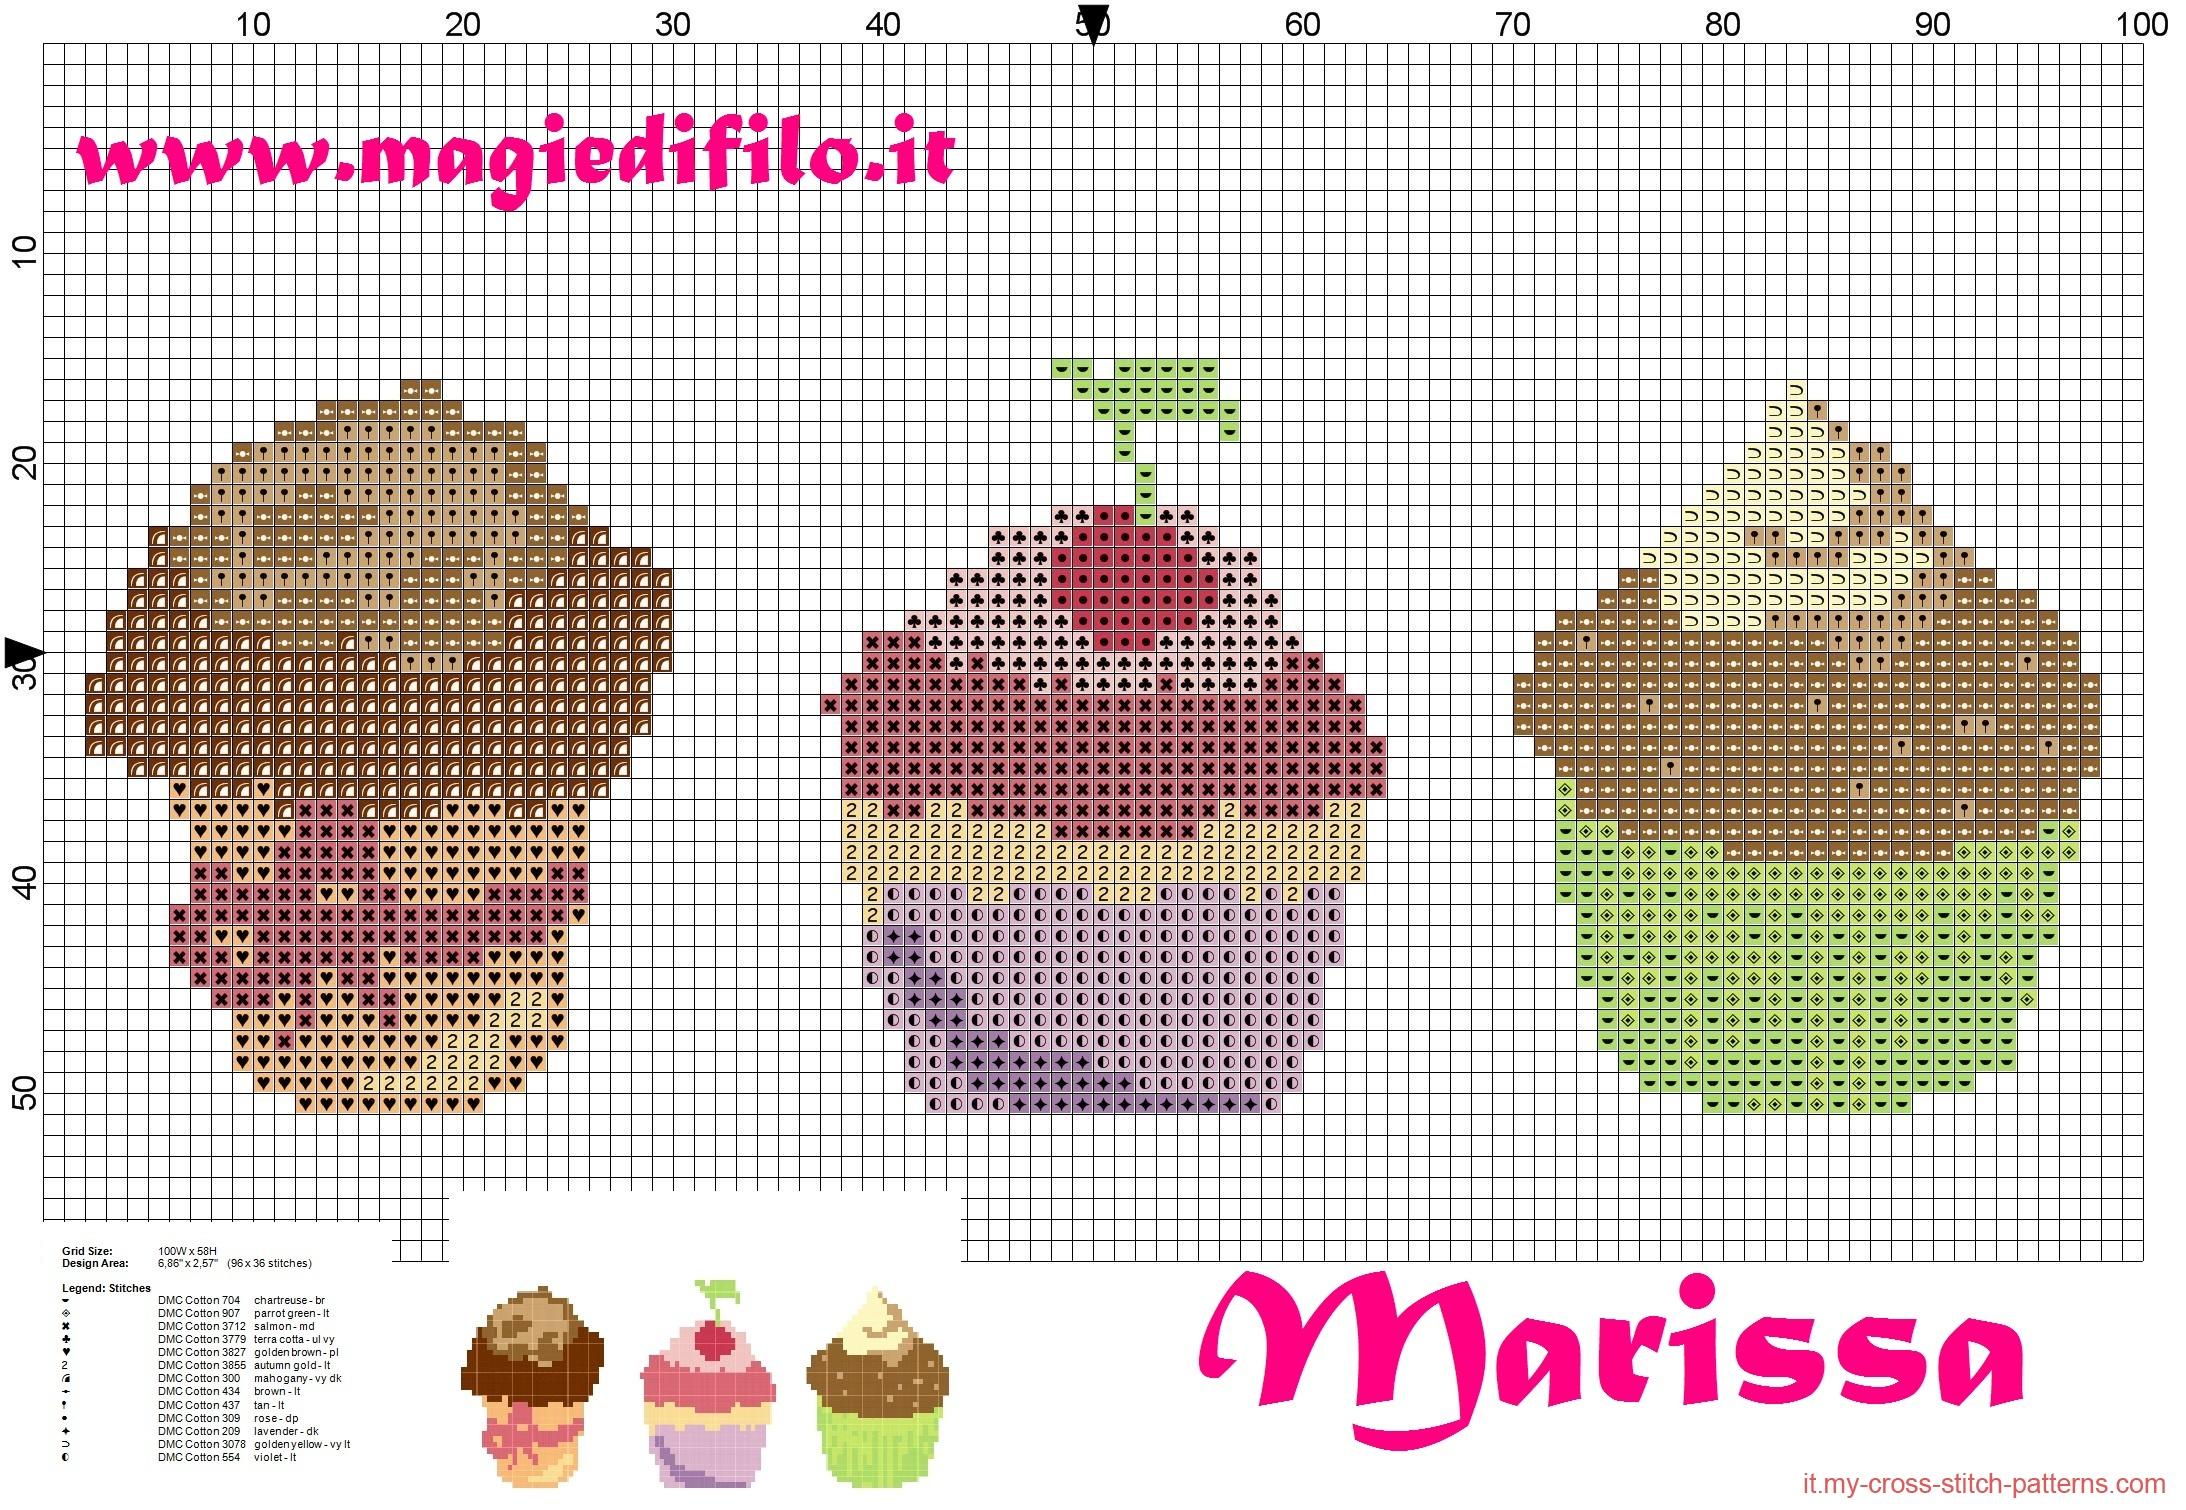 bordura_cupcakes